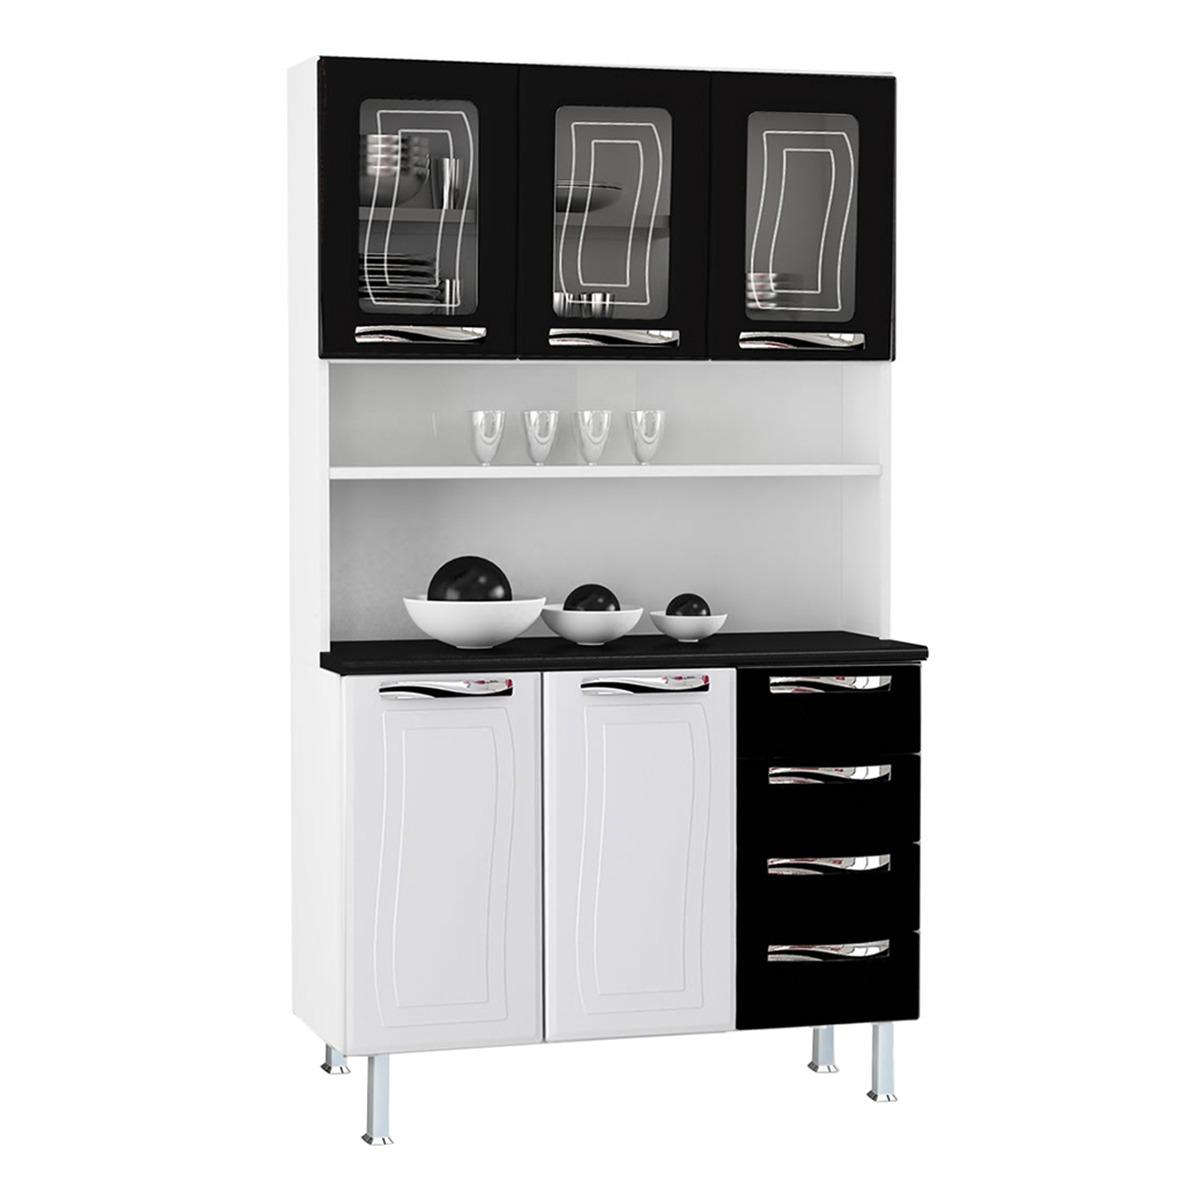 Kit de Cozinha Colormaq Ipanema 5 Portas e 4 Gavetas em Aço e Vidro Branco e Preto